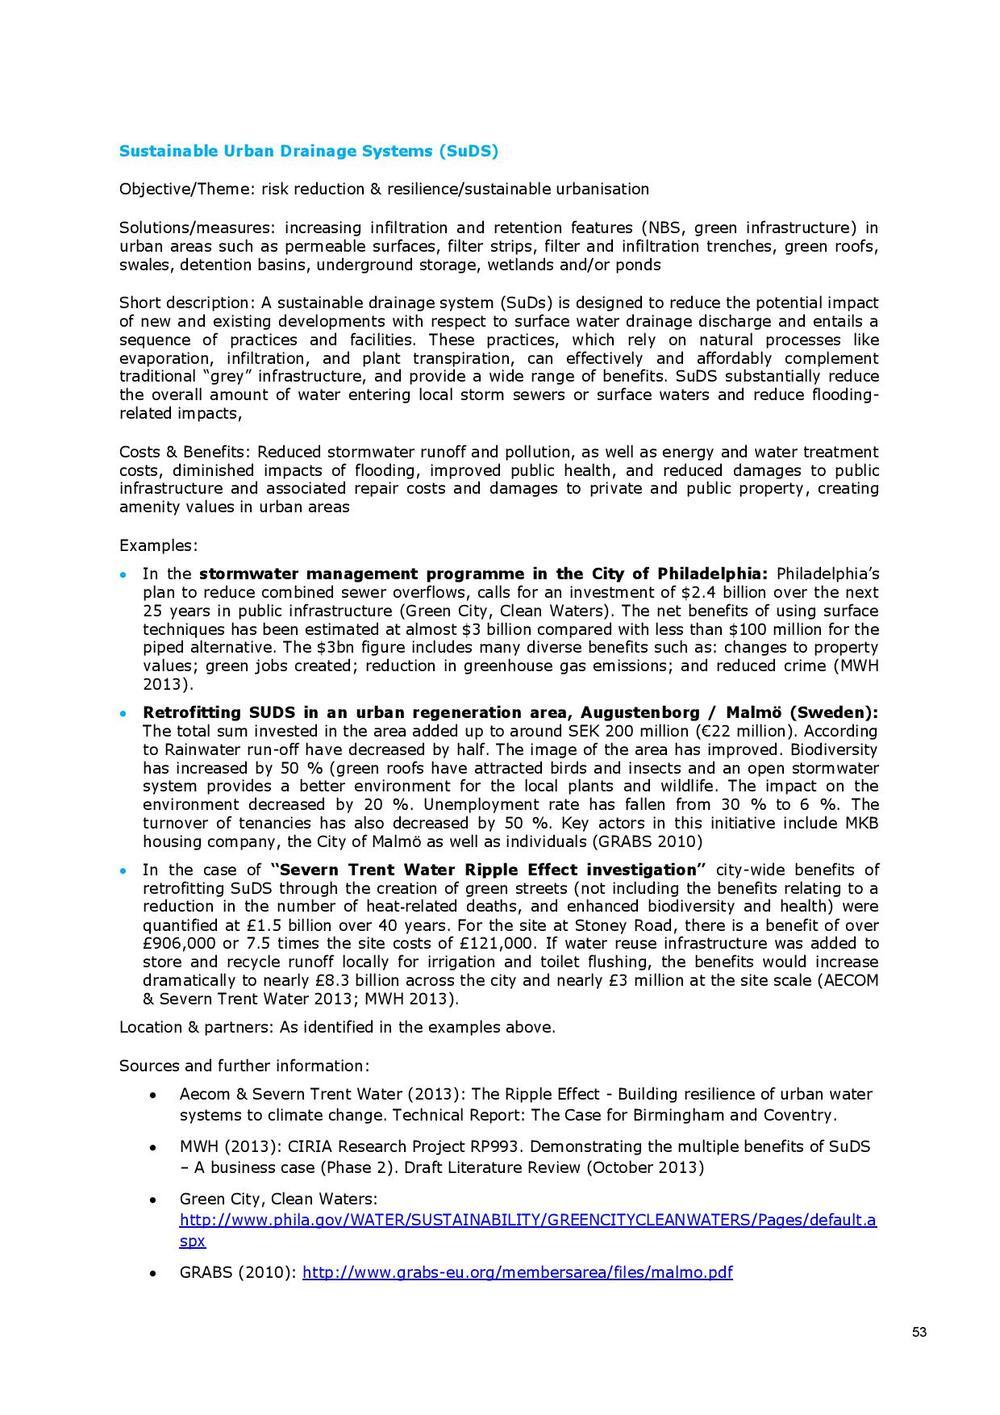 DG RTD_WEB-Publication A4_NBS_long_version_20150310-page-055.jpg